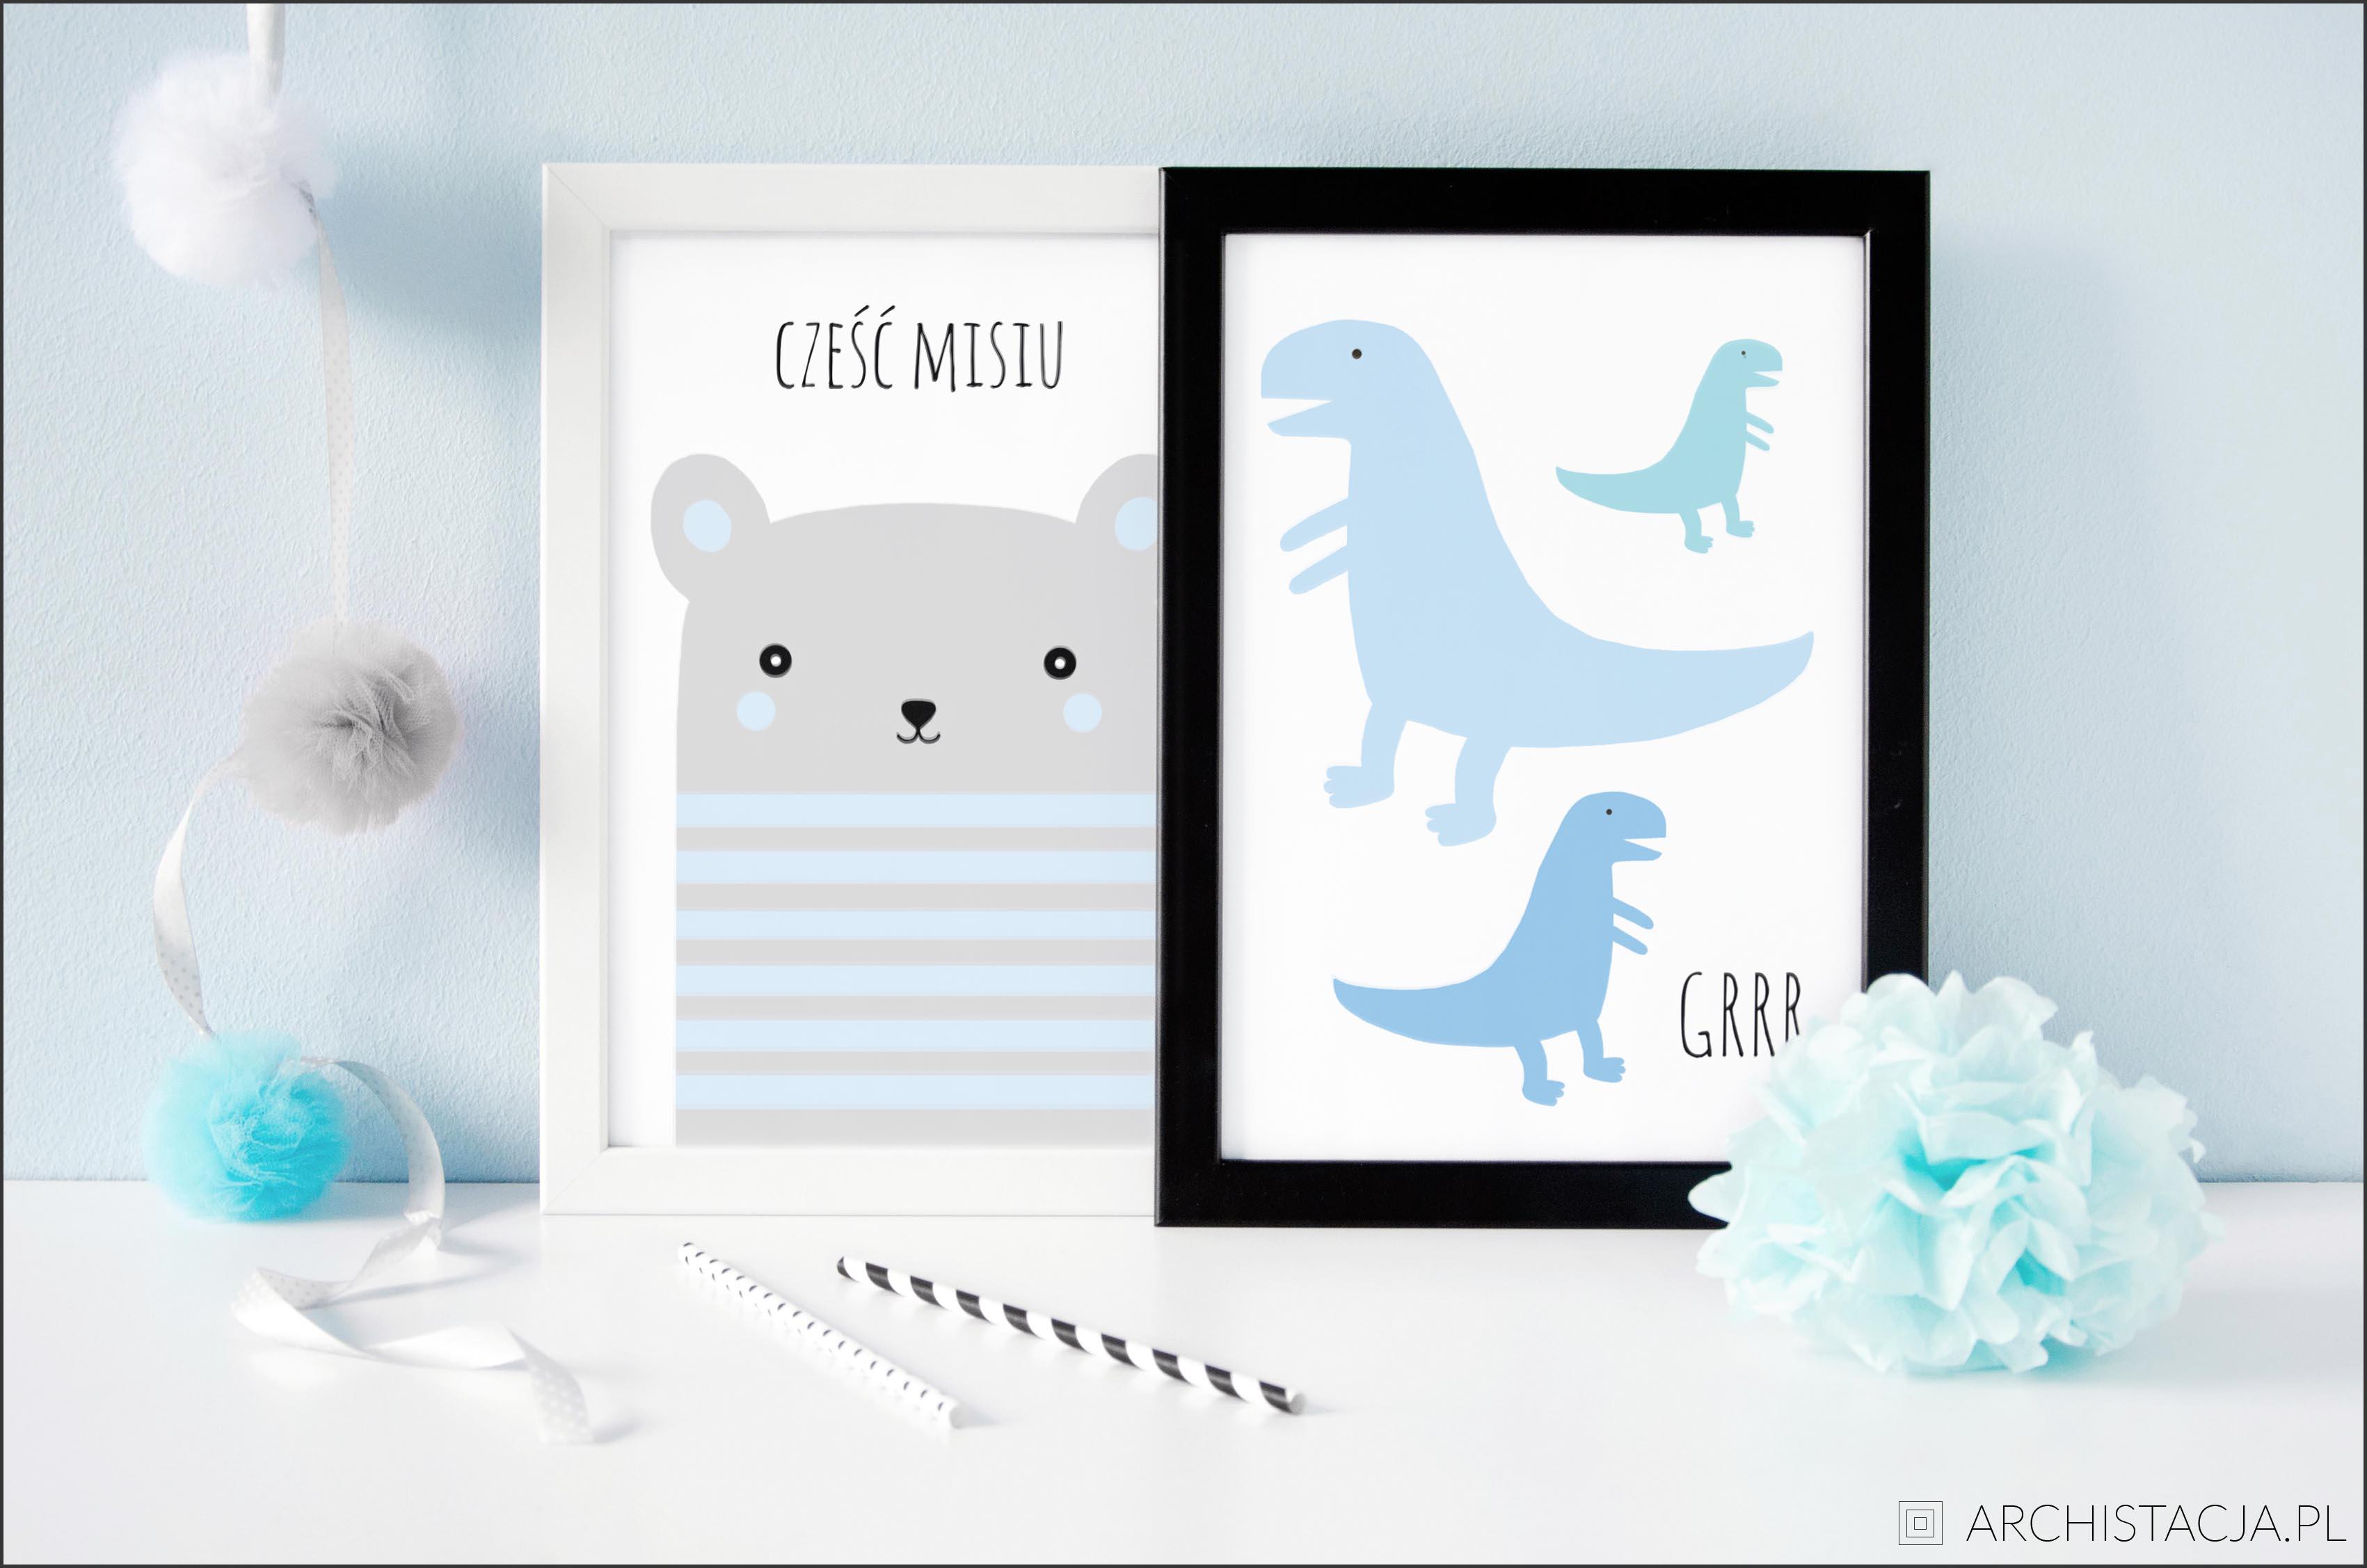 Pastelowe Plakaty Do Pokoju Chłopca Lifestyle Zblogowani